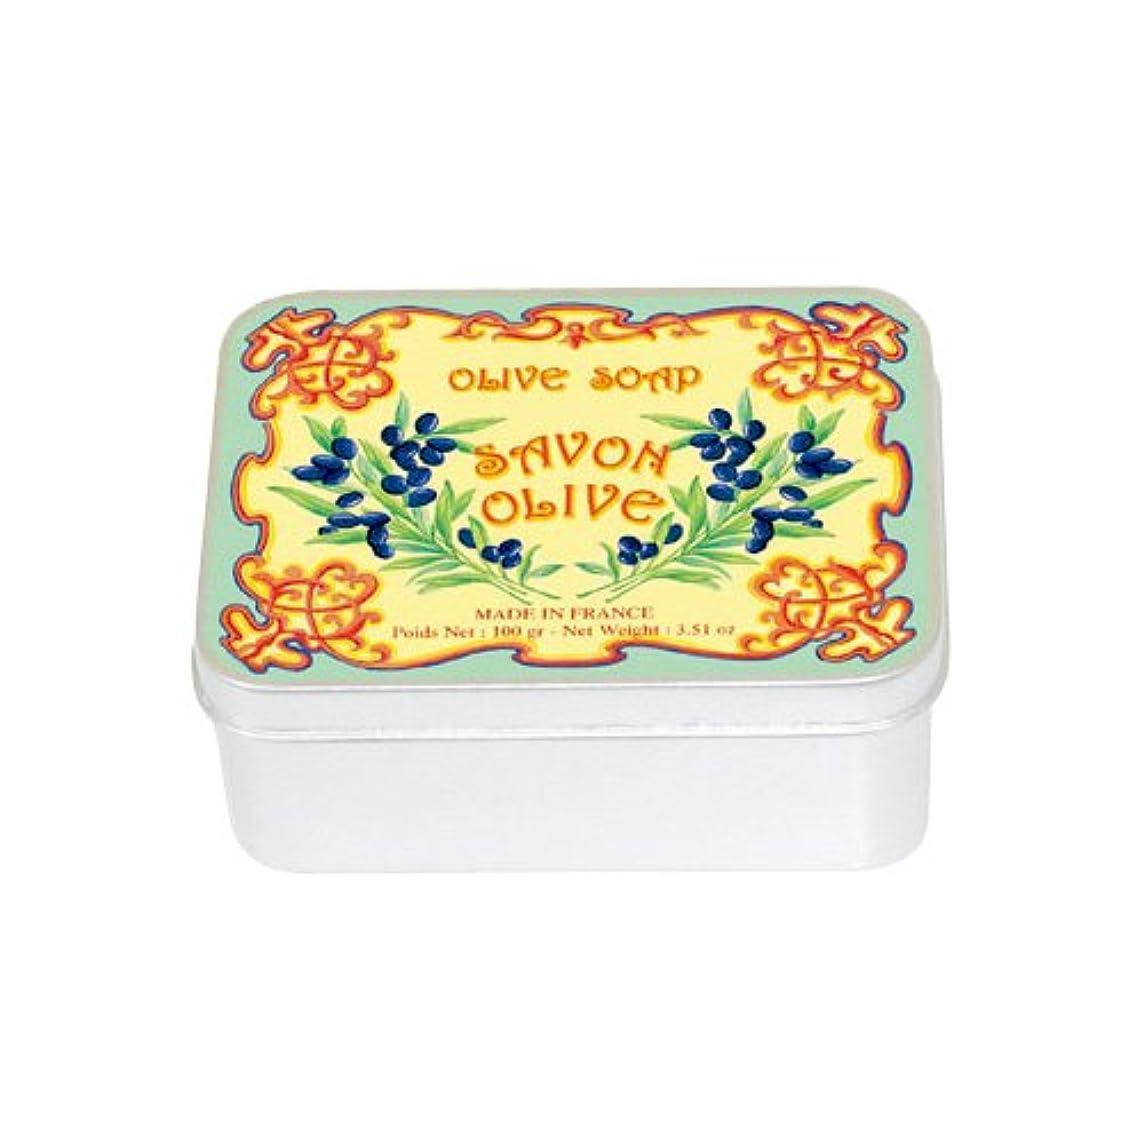 困惑するヒステリック昨日ルブランソープ メタルボックス(オリーブの香り)石鹸